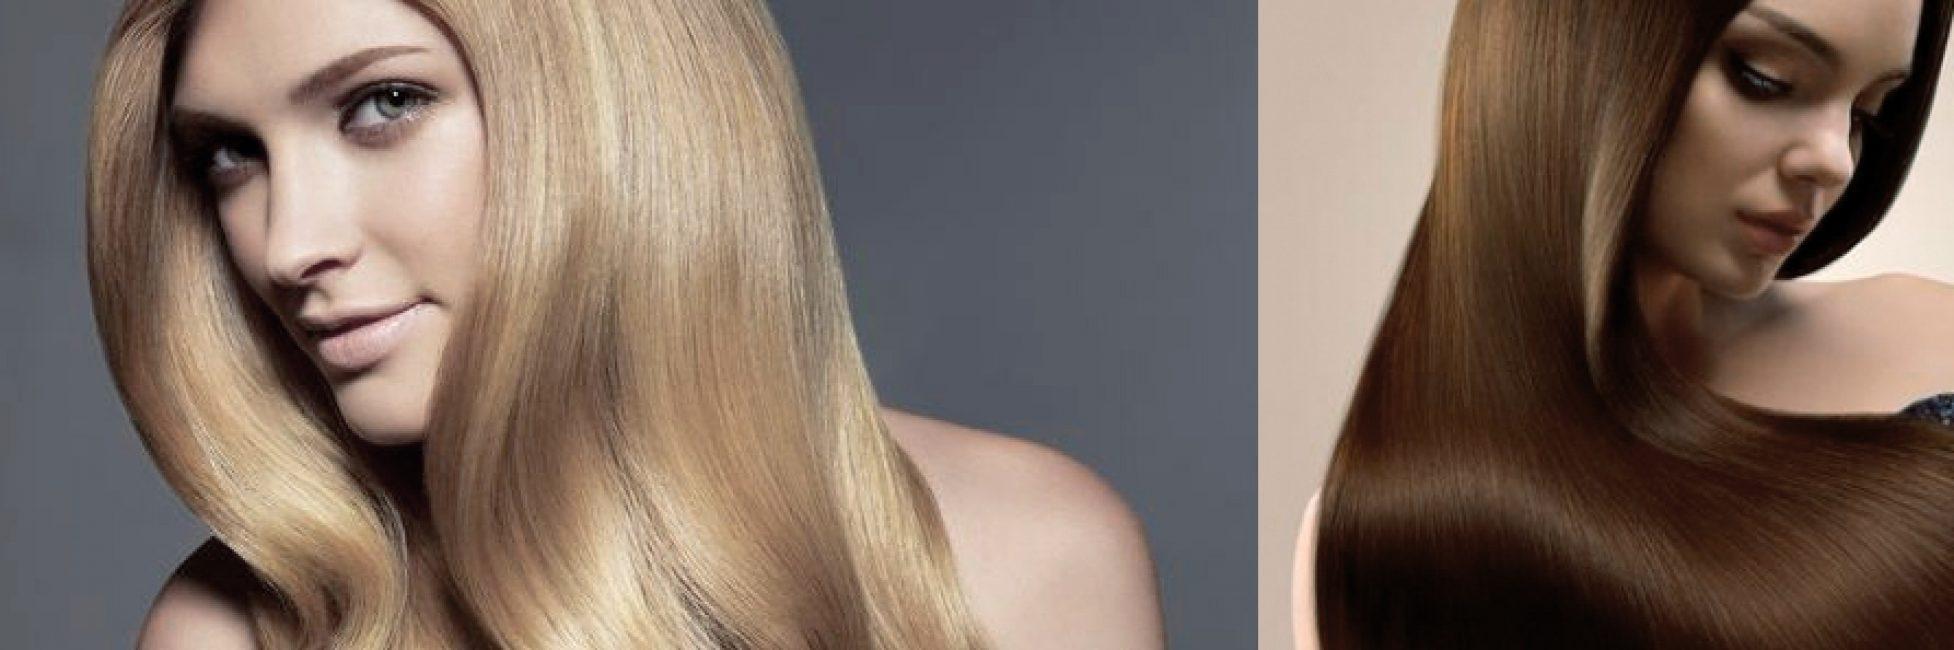 При окрашивании волос краску нужно наносить равномерно, пряди за прядью